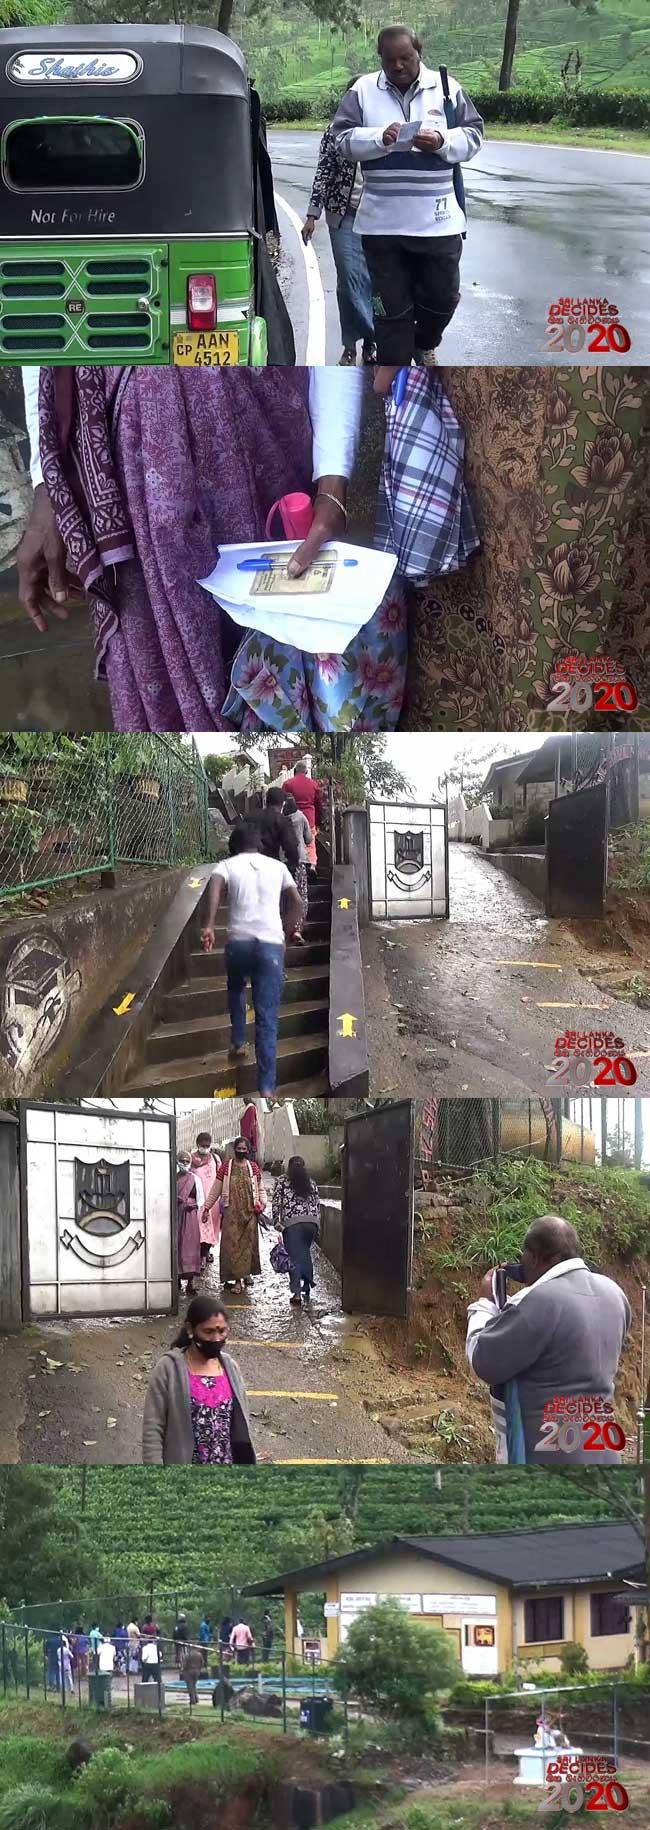 நுவரெலியா மாவட்ட வாக்கெடுப்பு